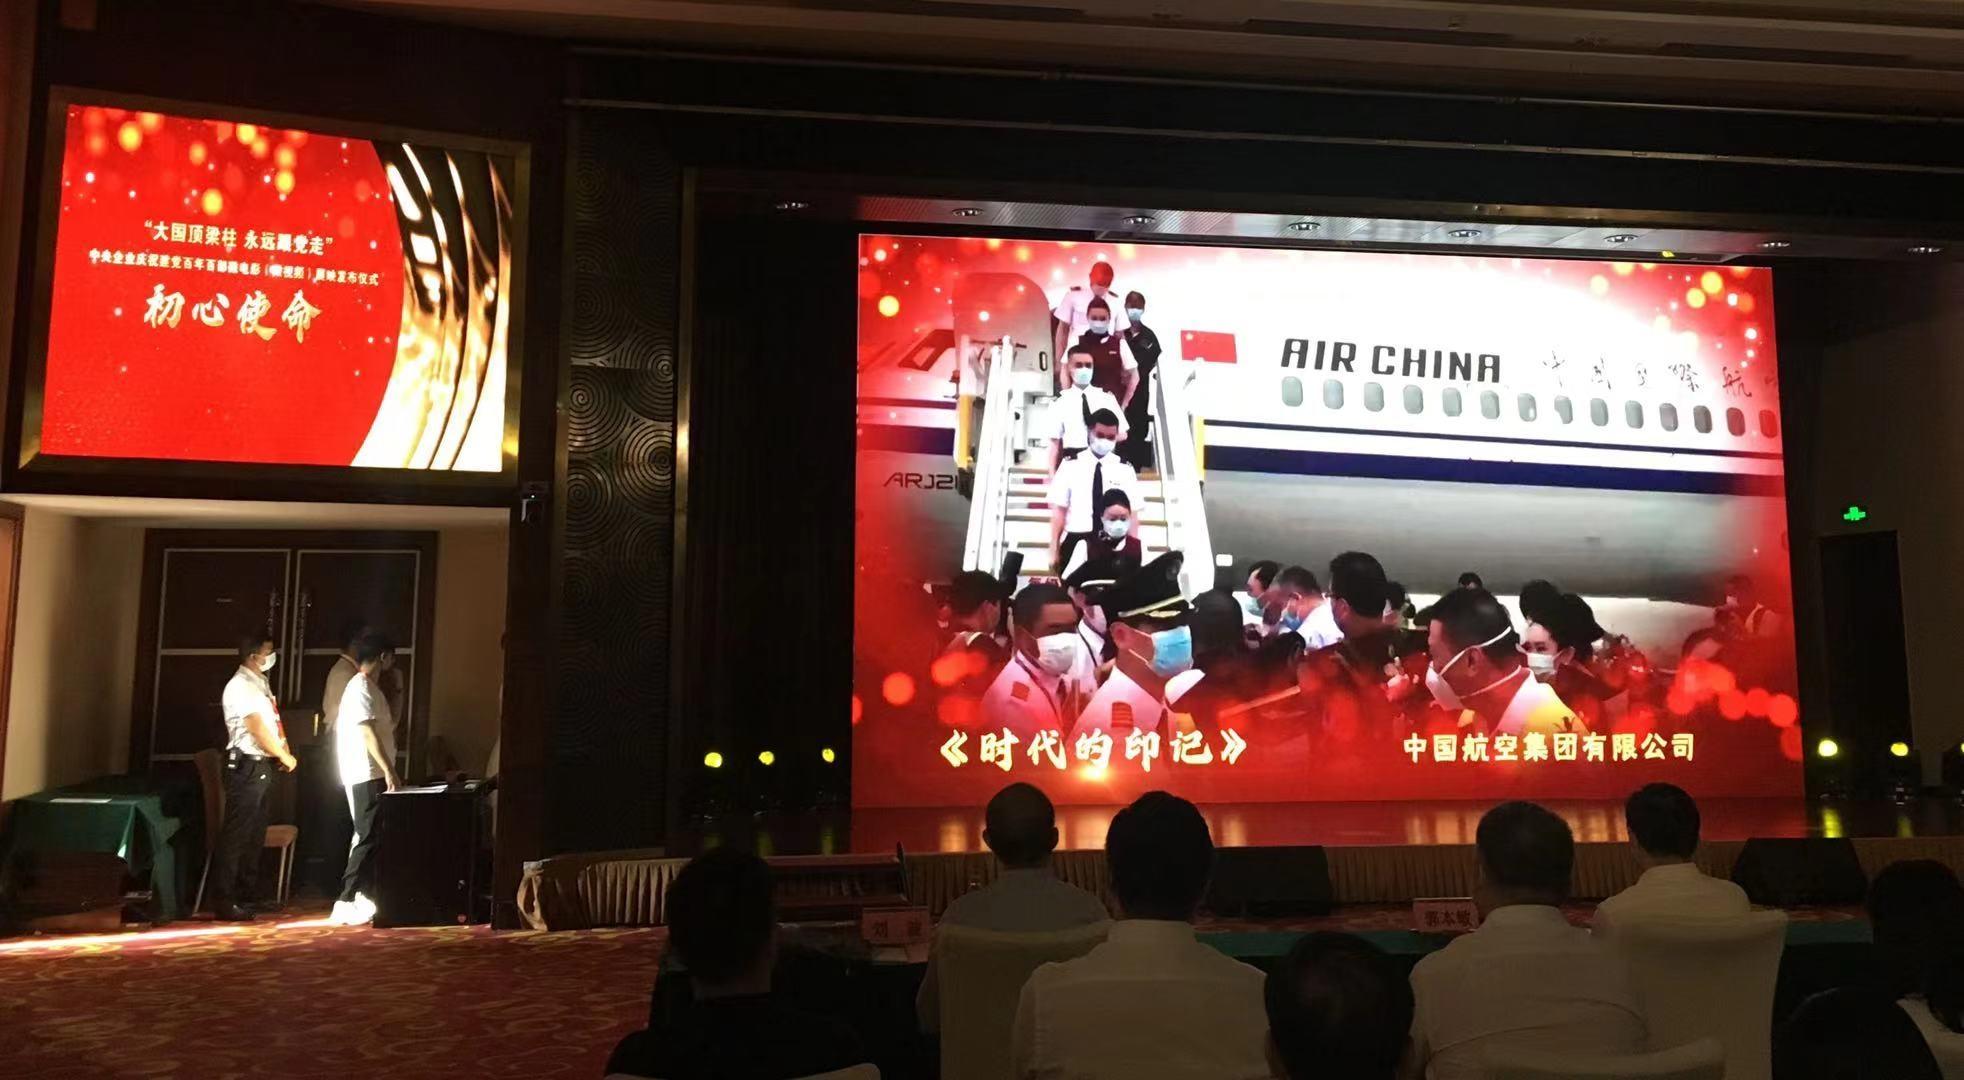 中航集团《时代的印记》获评中央企业庆祝建党百年百部微电影(微视频)优秀作品